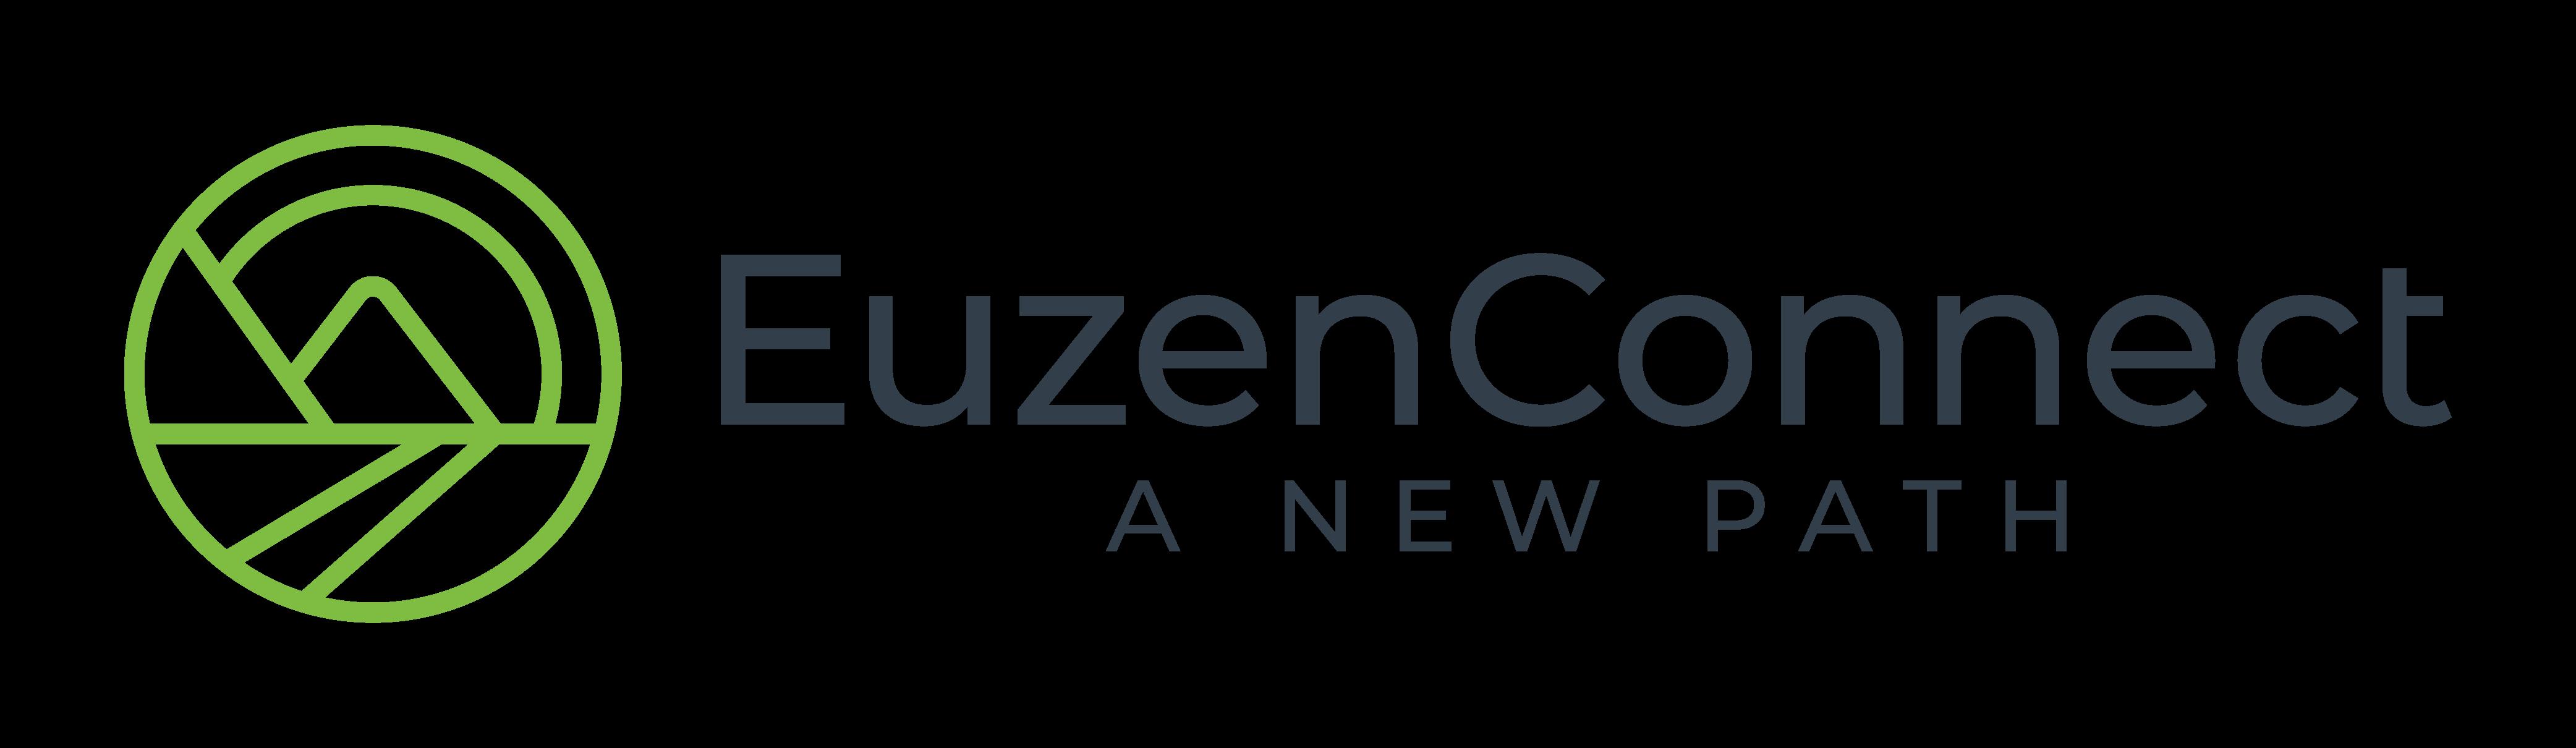 EuzenConnect Jobs